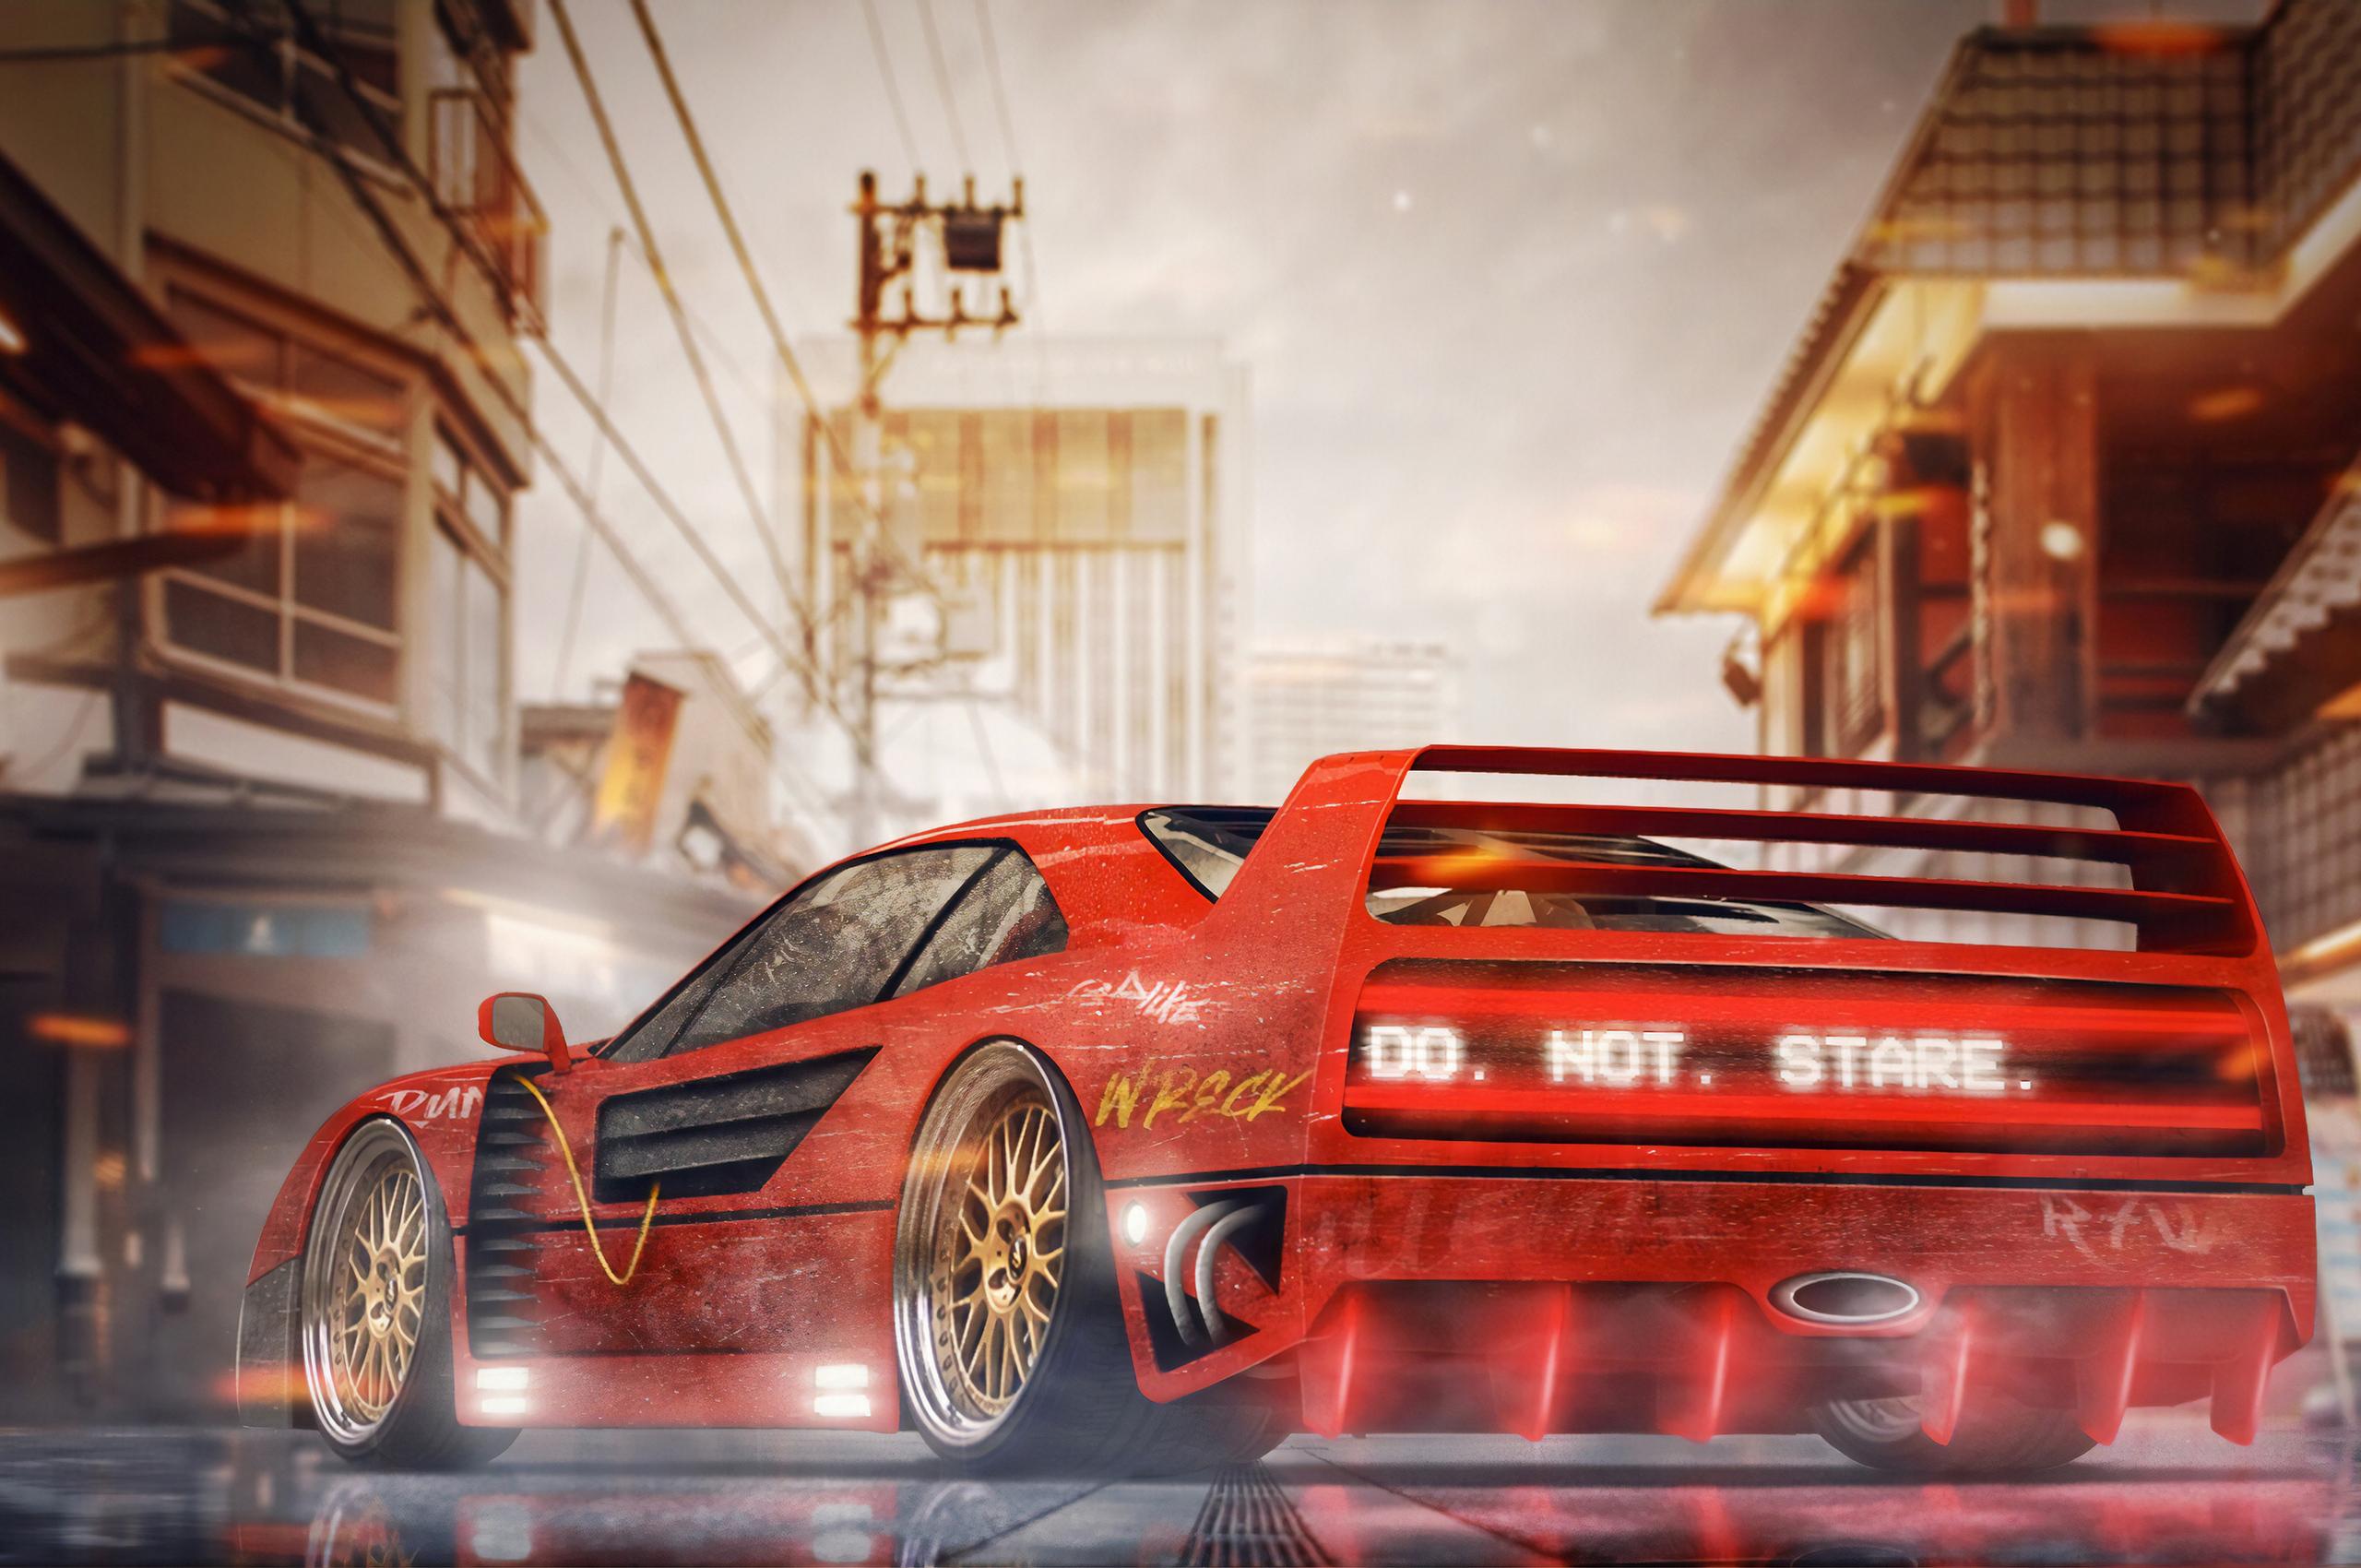 2560x1700 Ferrari F40 Digital Art 4k Chromebook Pixel Hd 4k